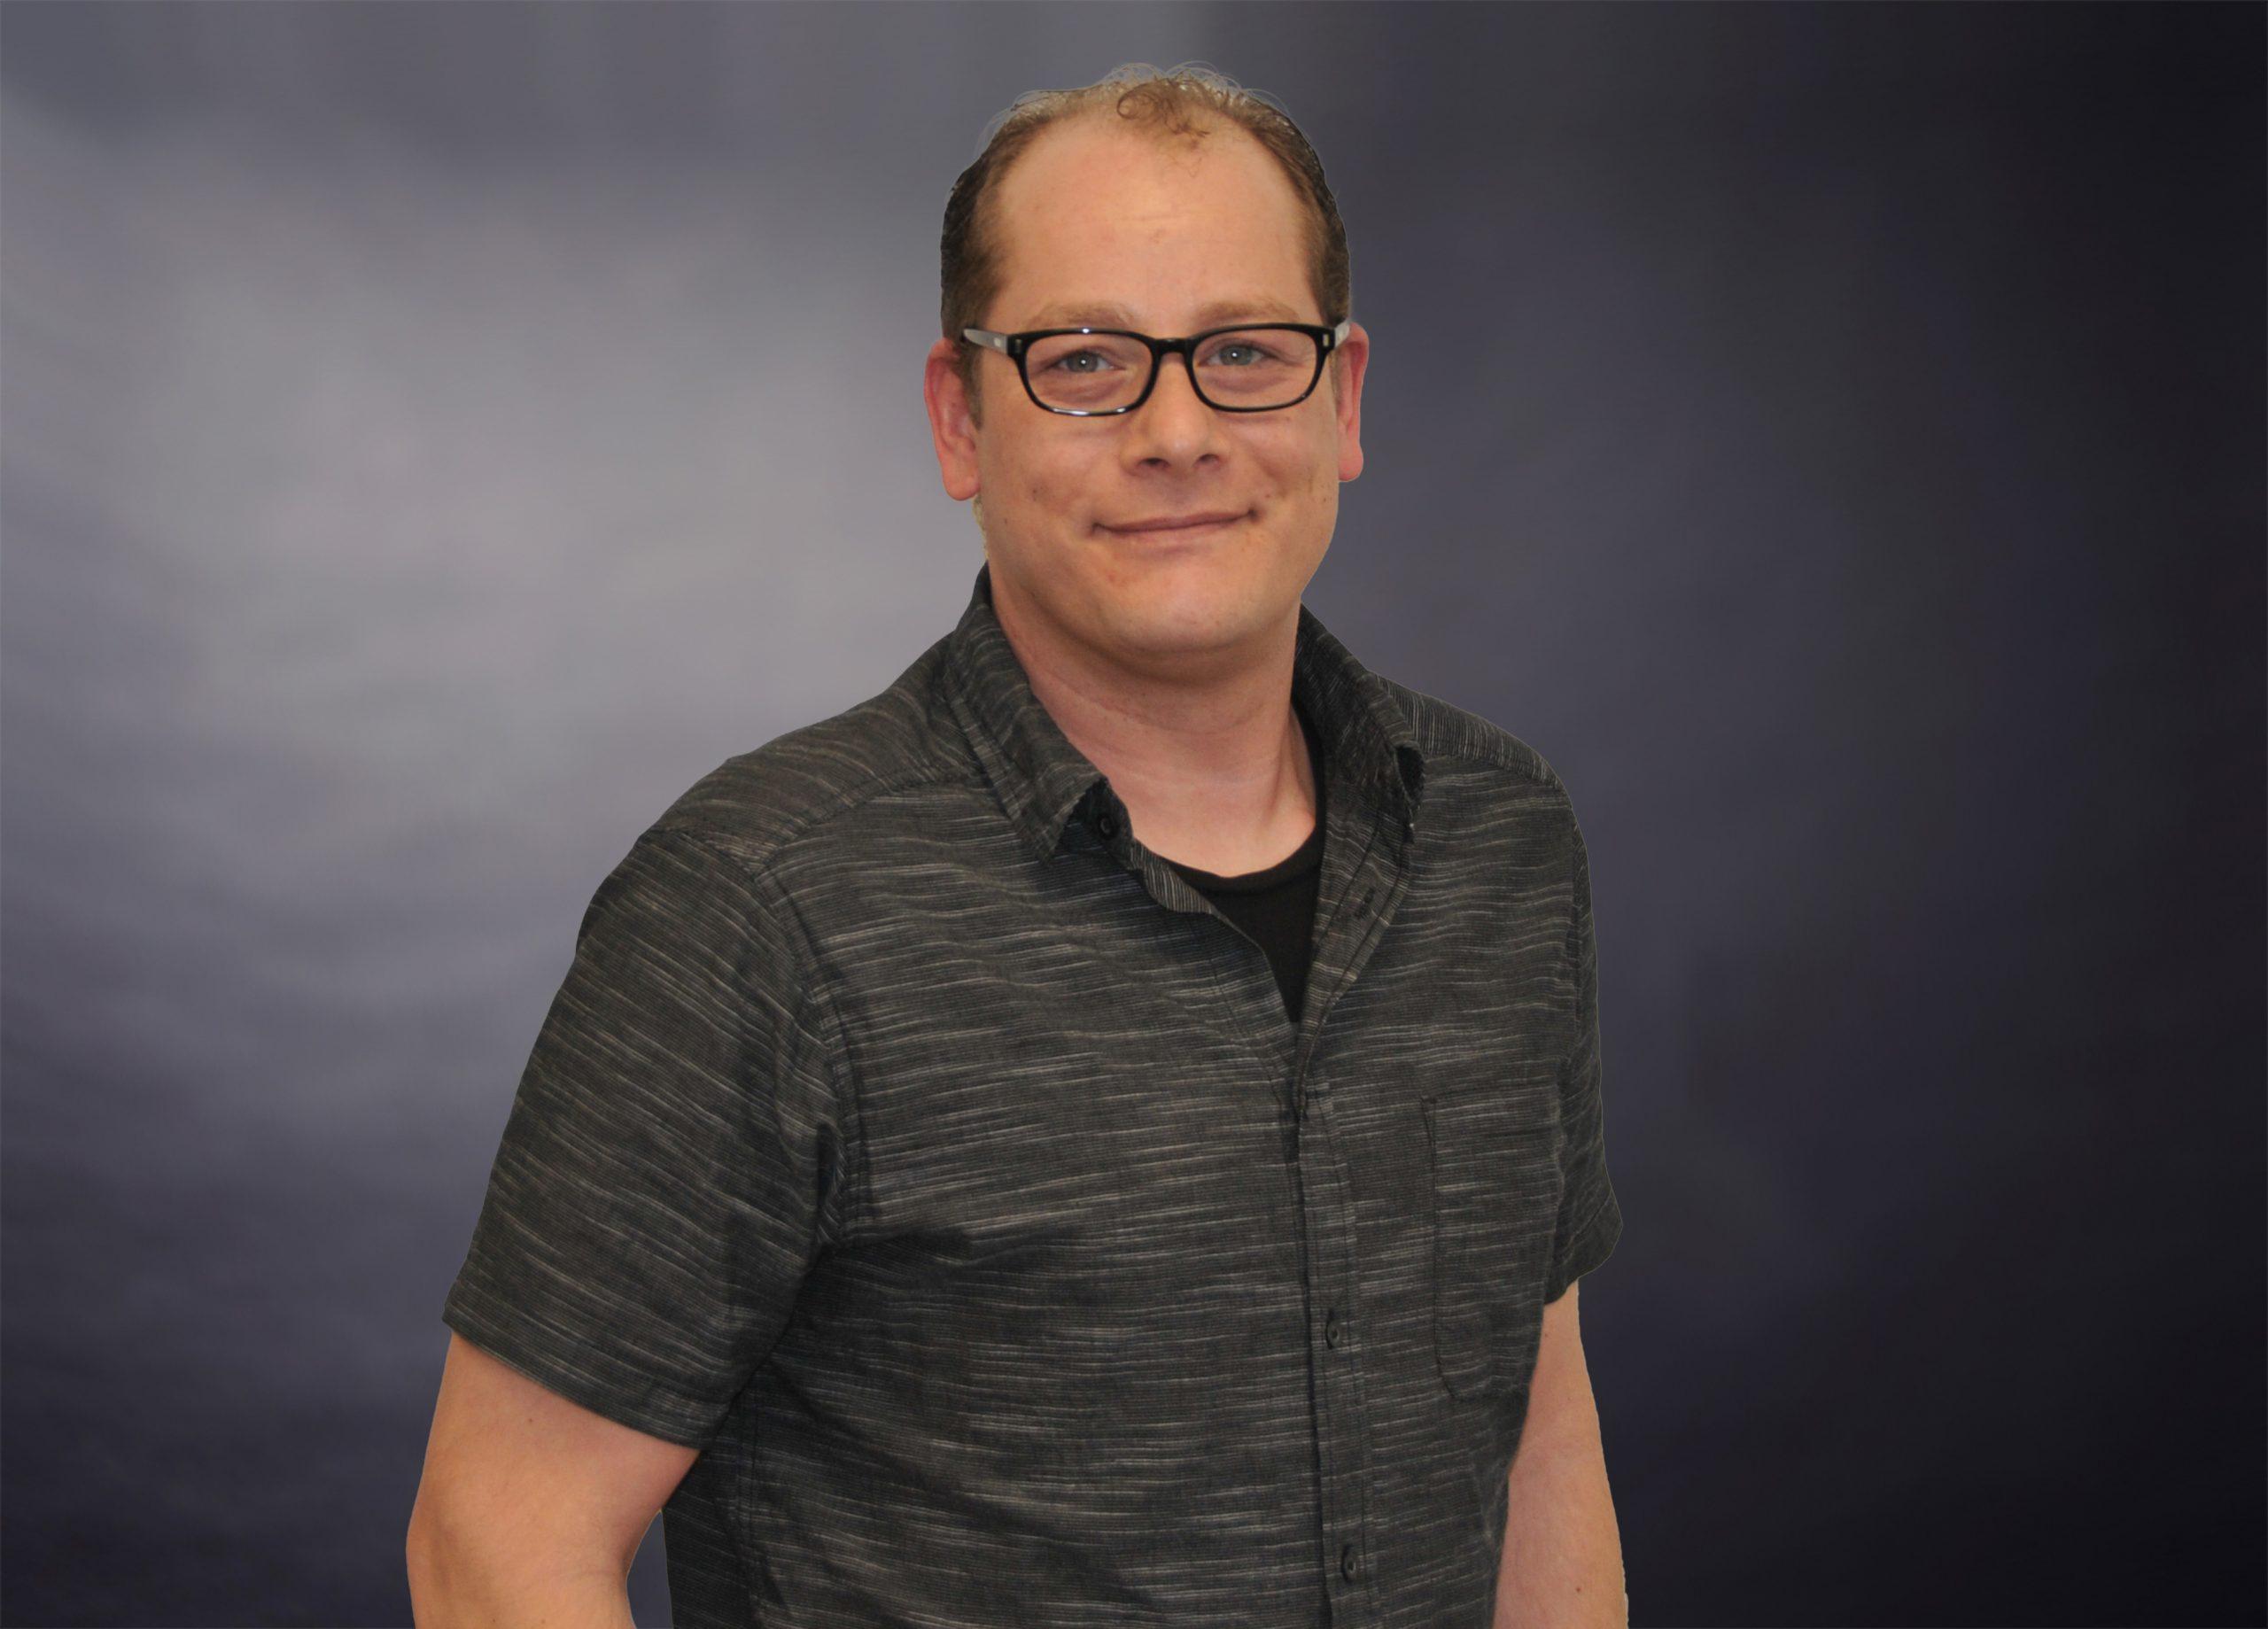 Michael Mertens